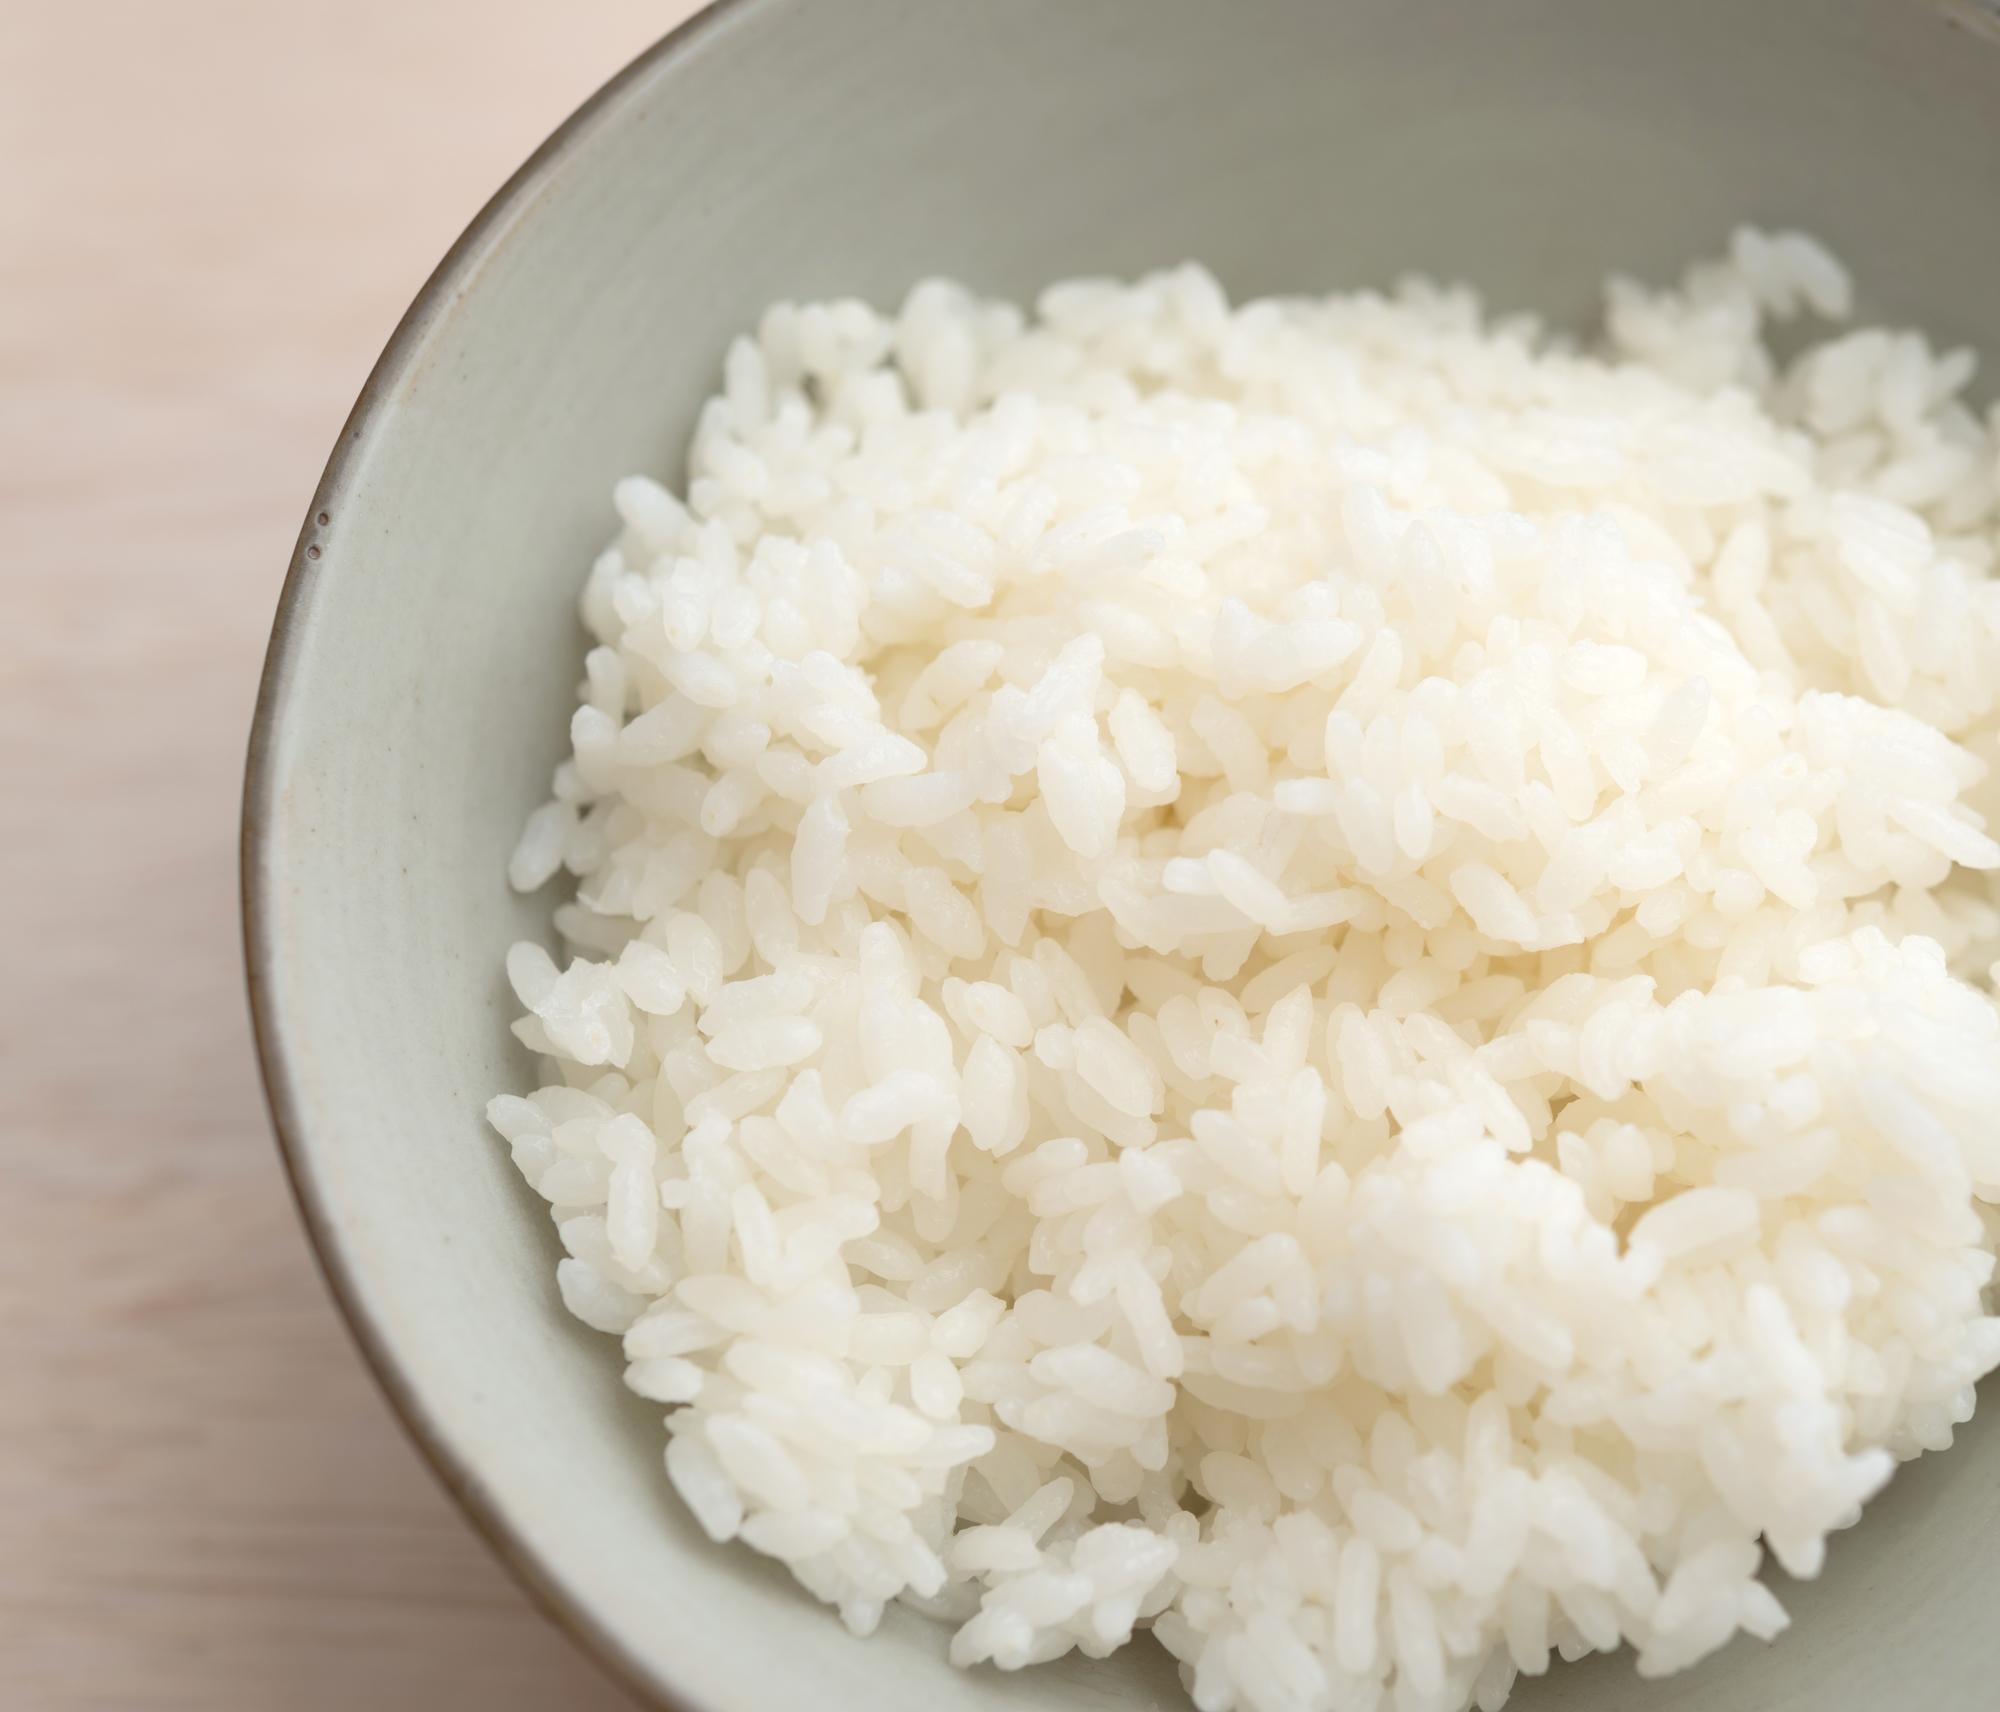 炭水化物は冷や汁で冷やして食べれば低カロリー化!おなかのお掃除で健康にも良い